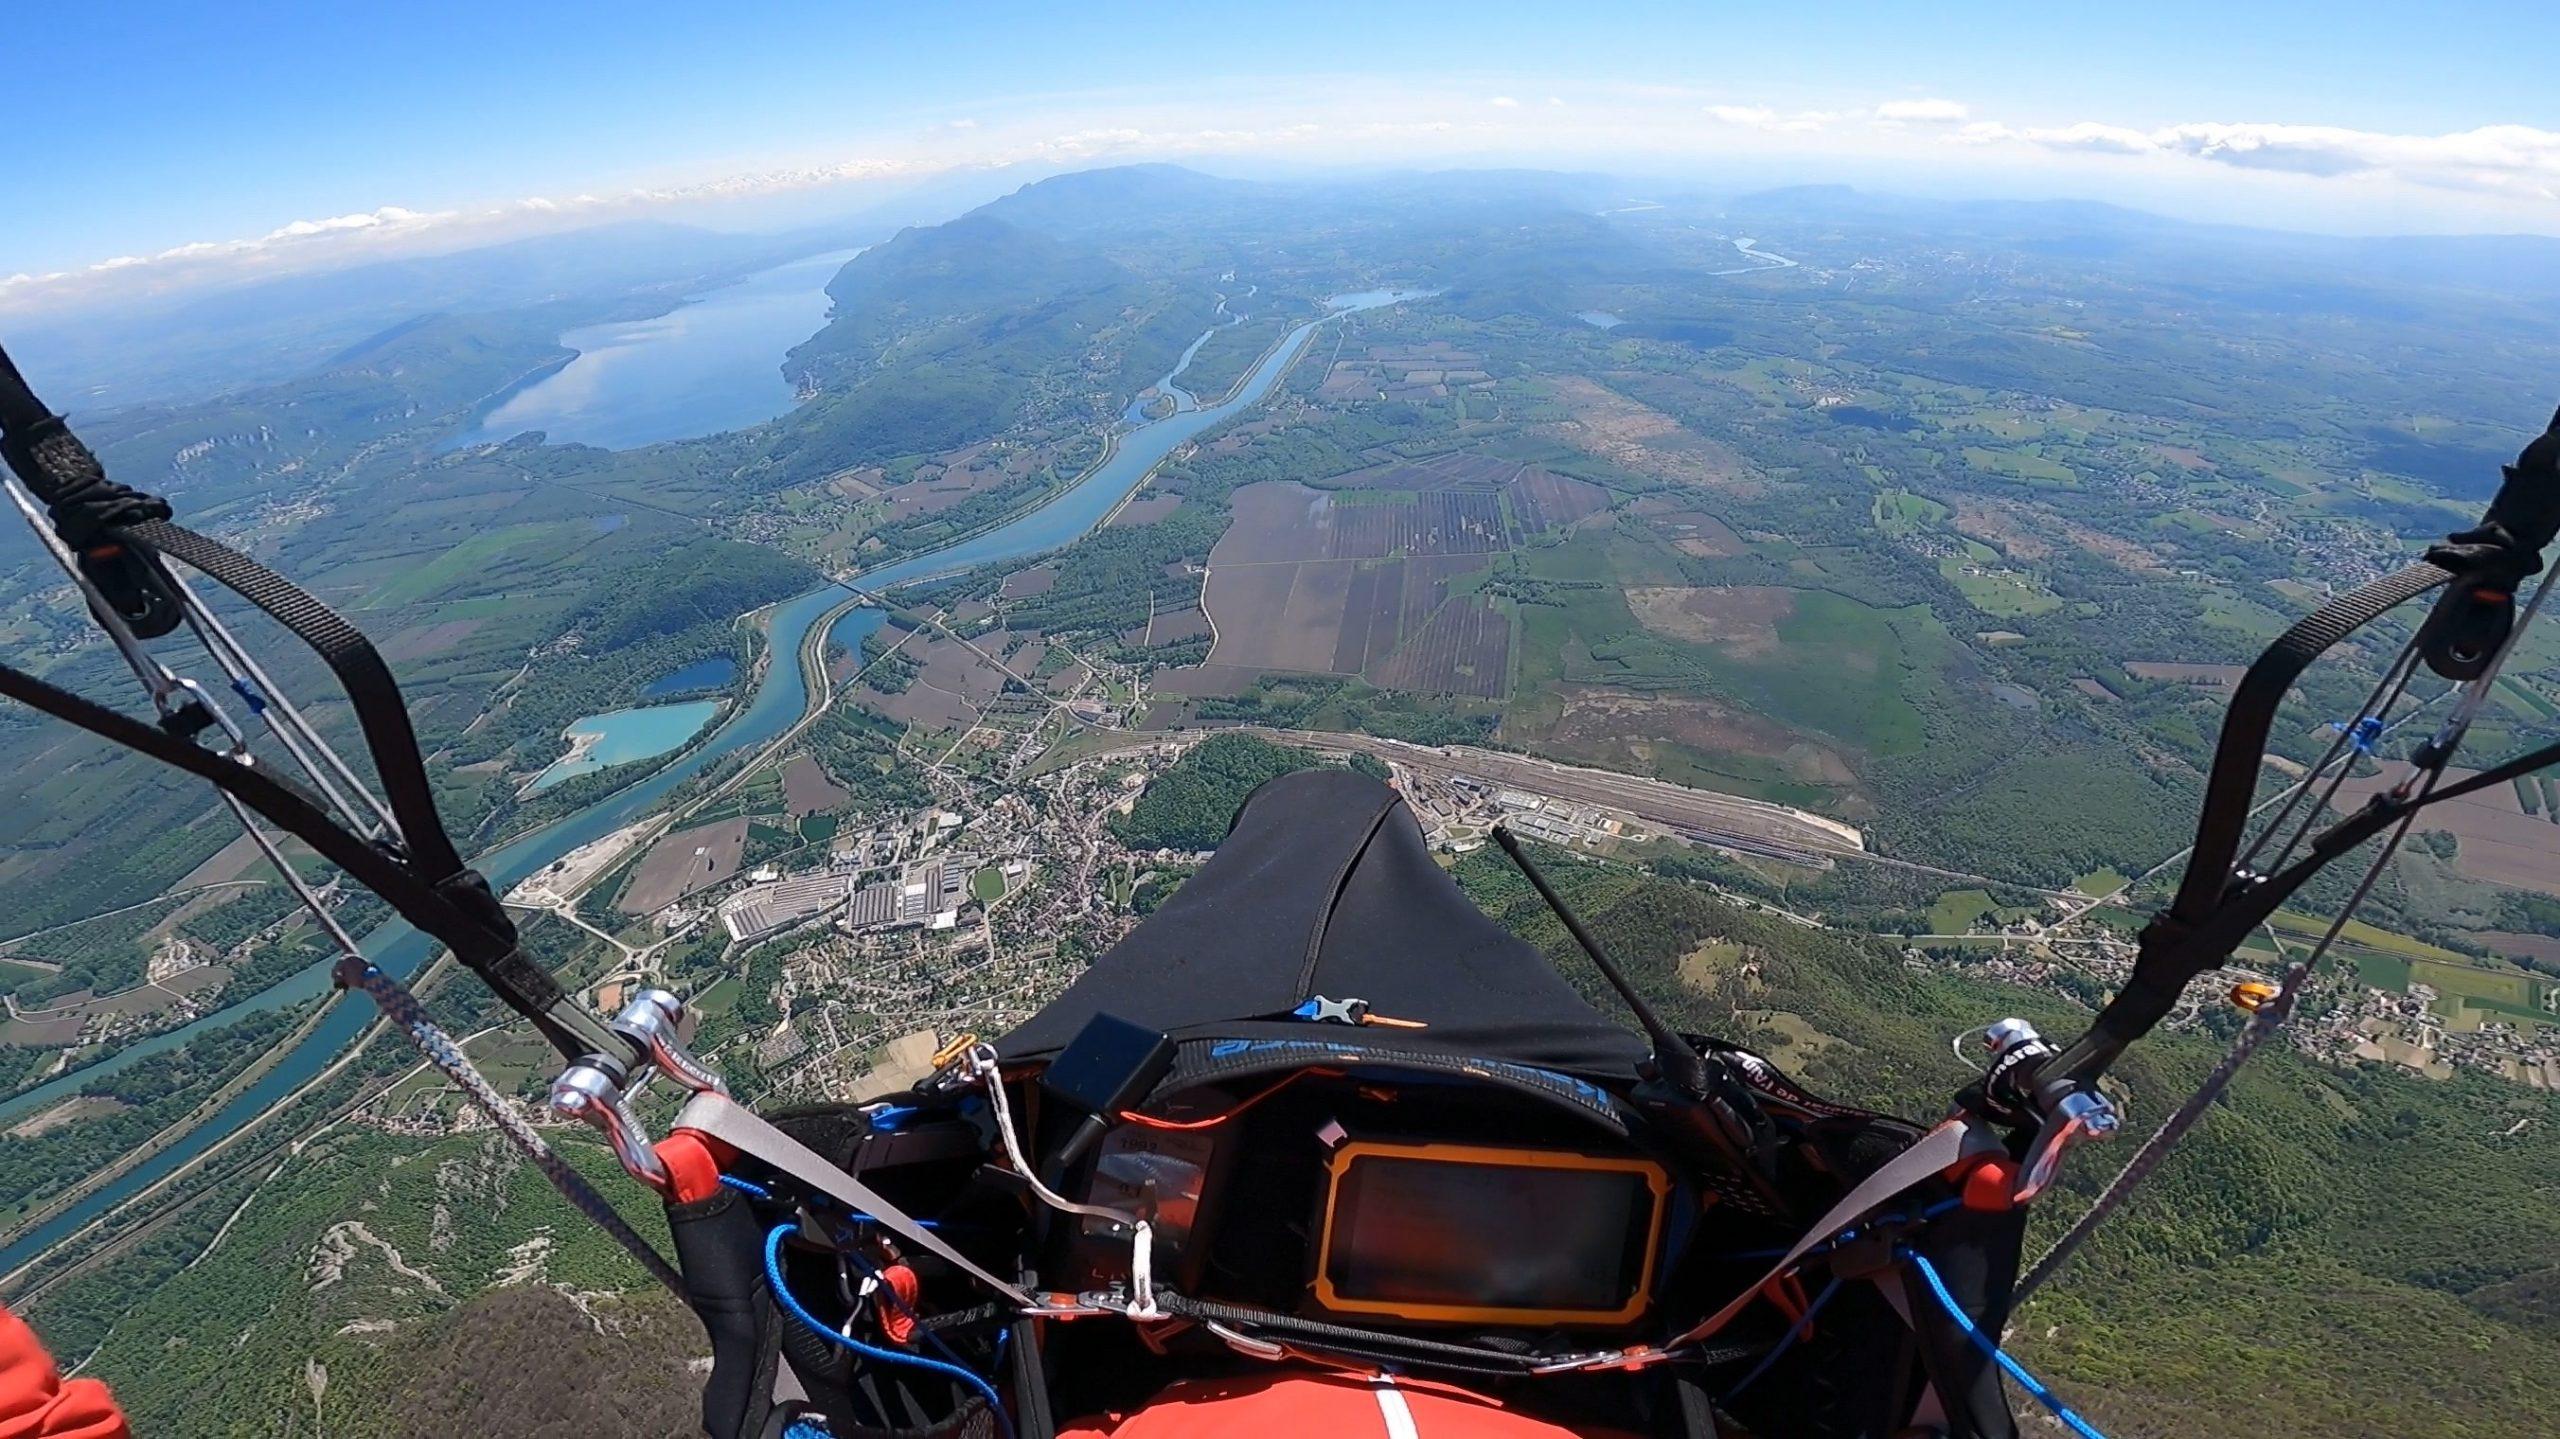 La magnifique vue depuis le Grand colombier, bien installé dans ma Kanibal Race II.